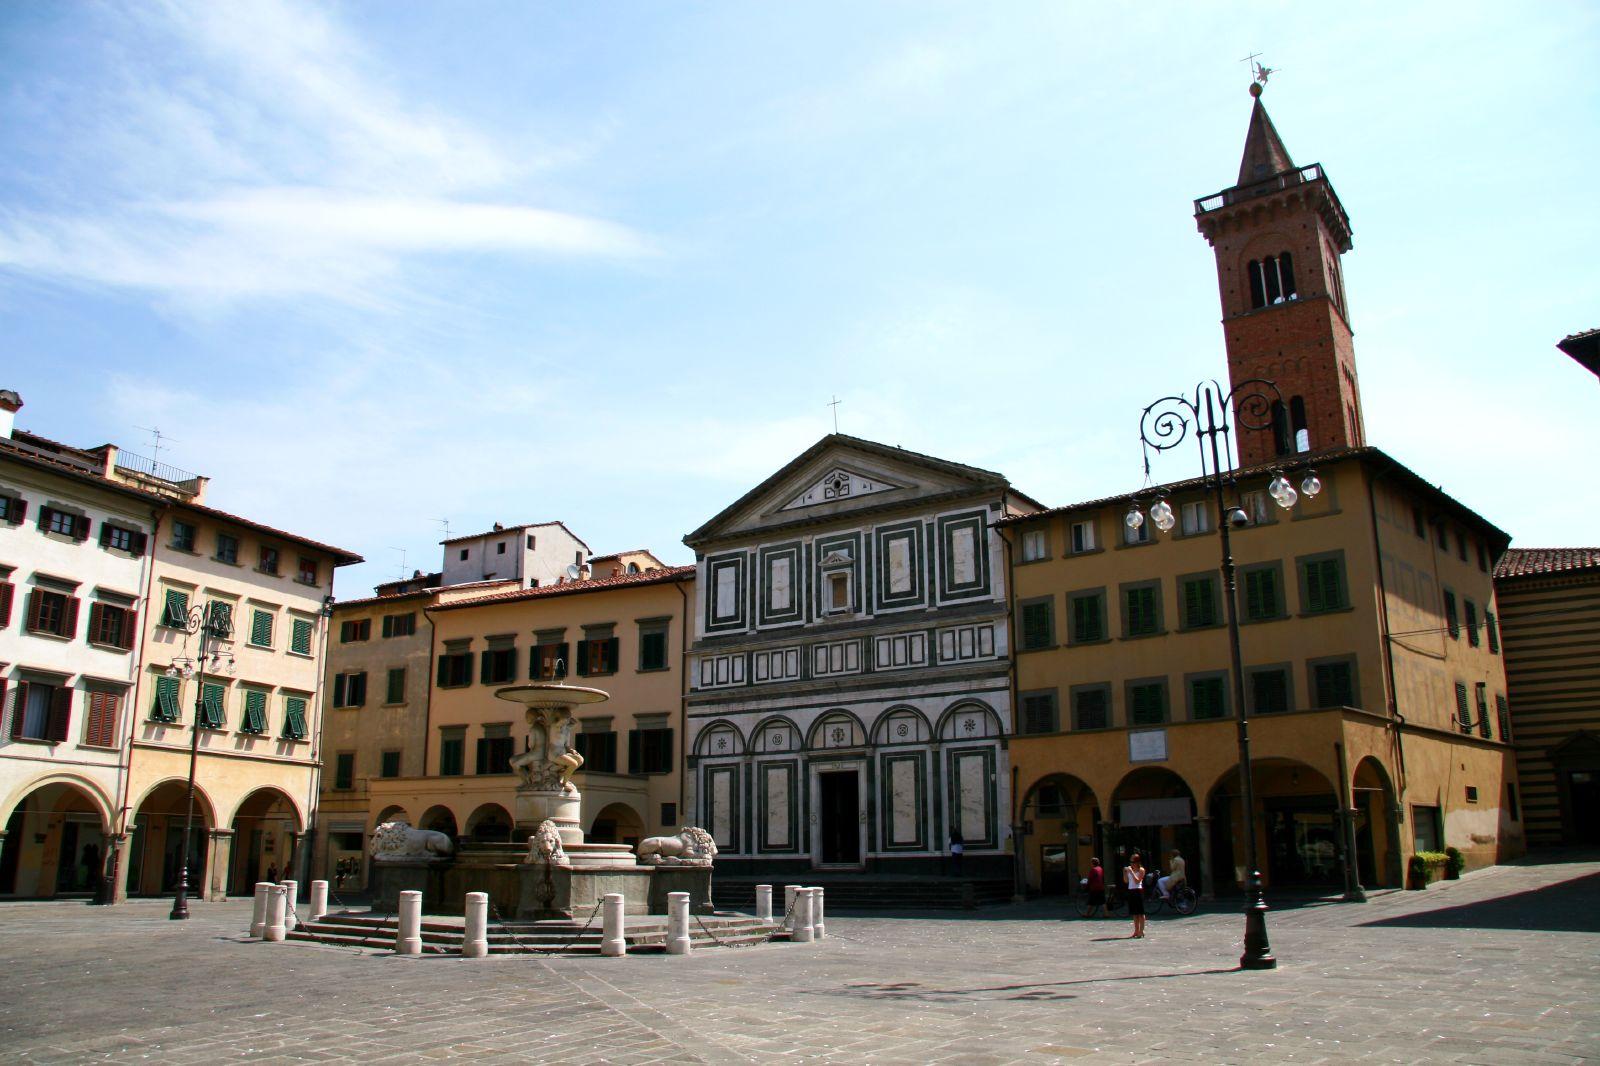 Lavori alla rete gas in Piazza San Rocco a Empoli: cambio viabilità